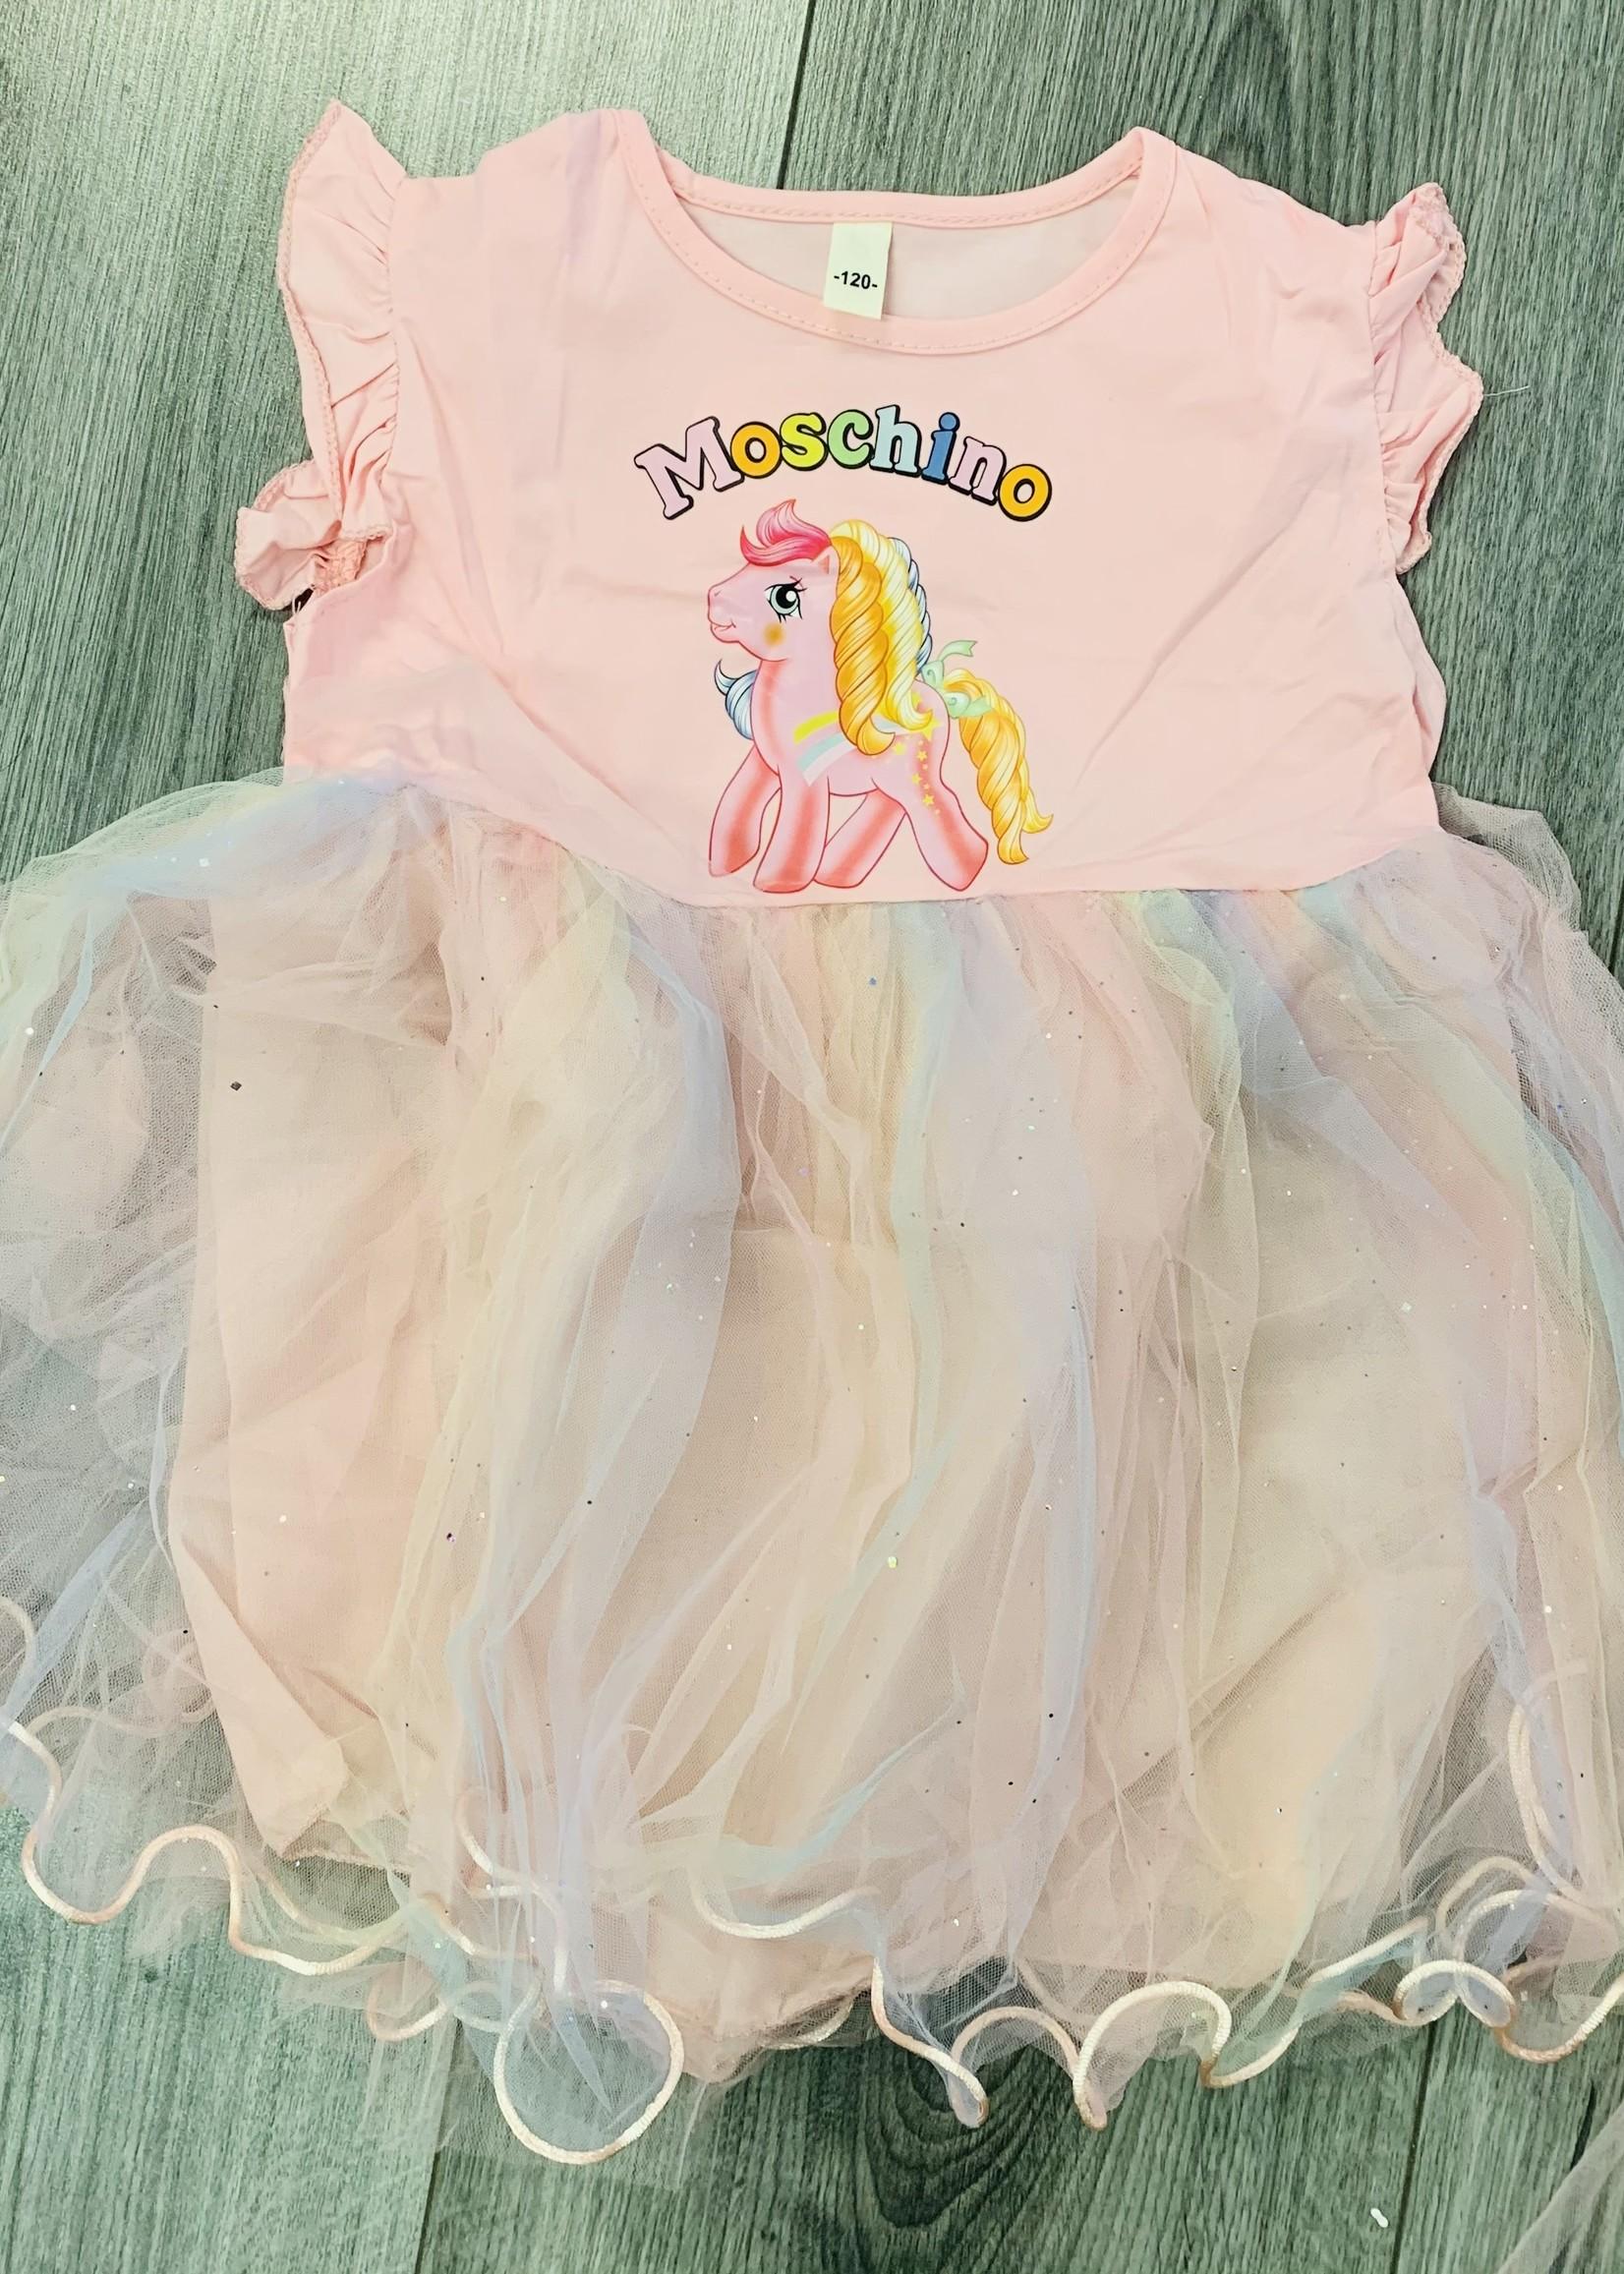 Divanis Divanis unicorn M dress